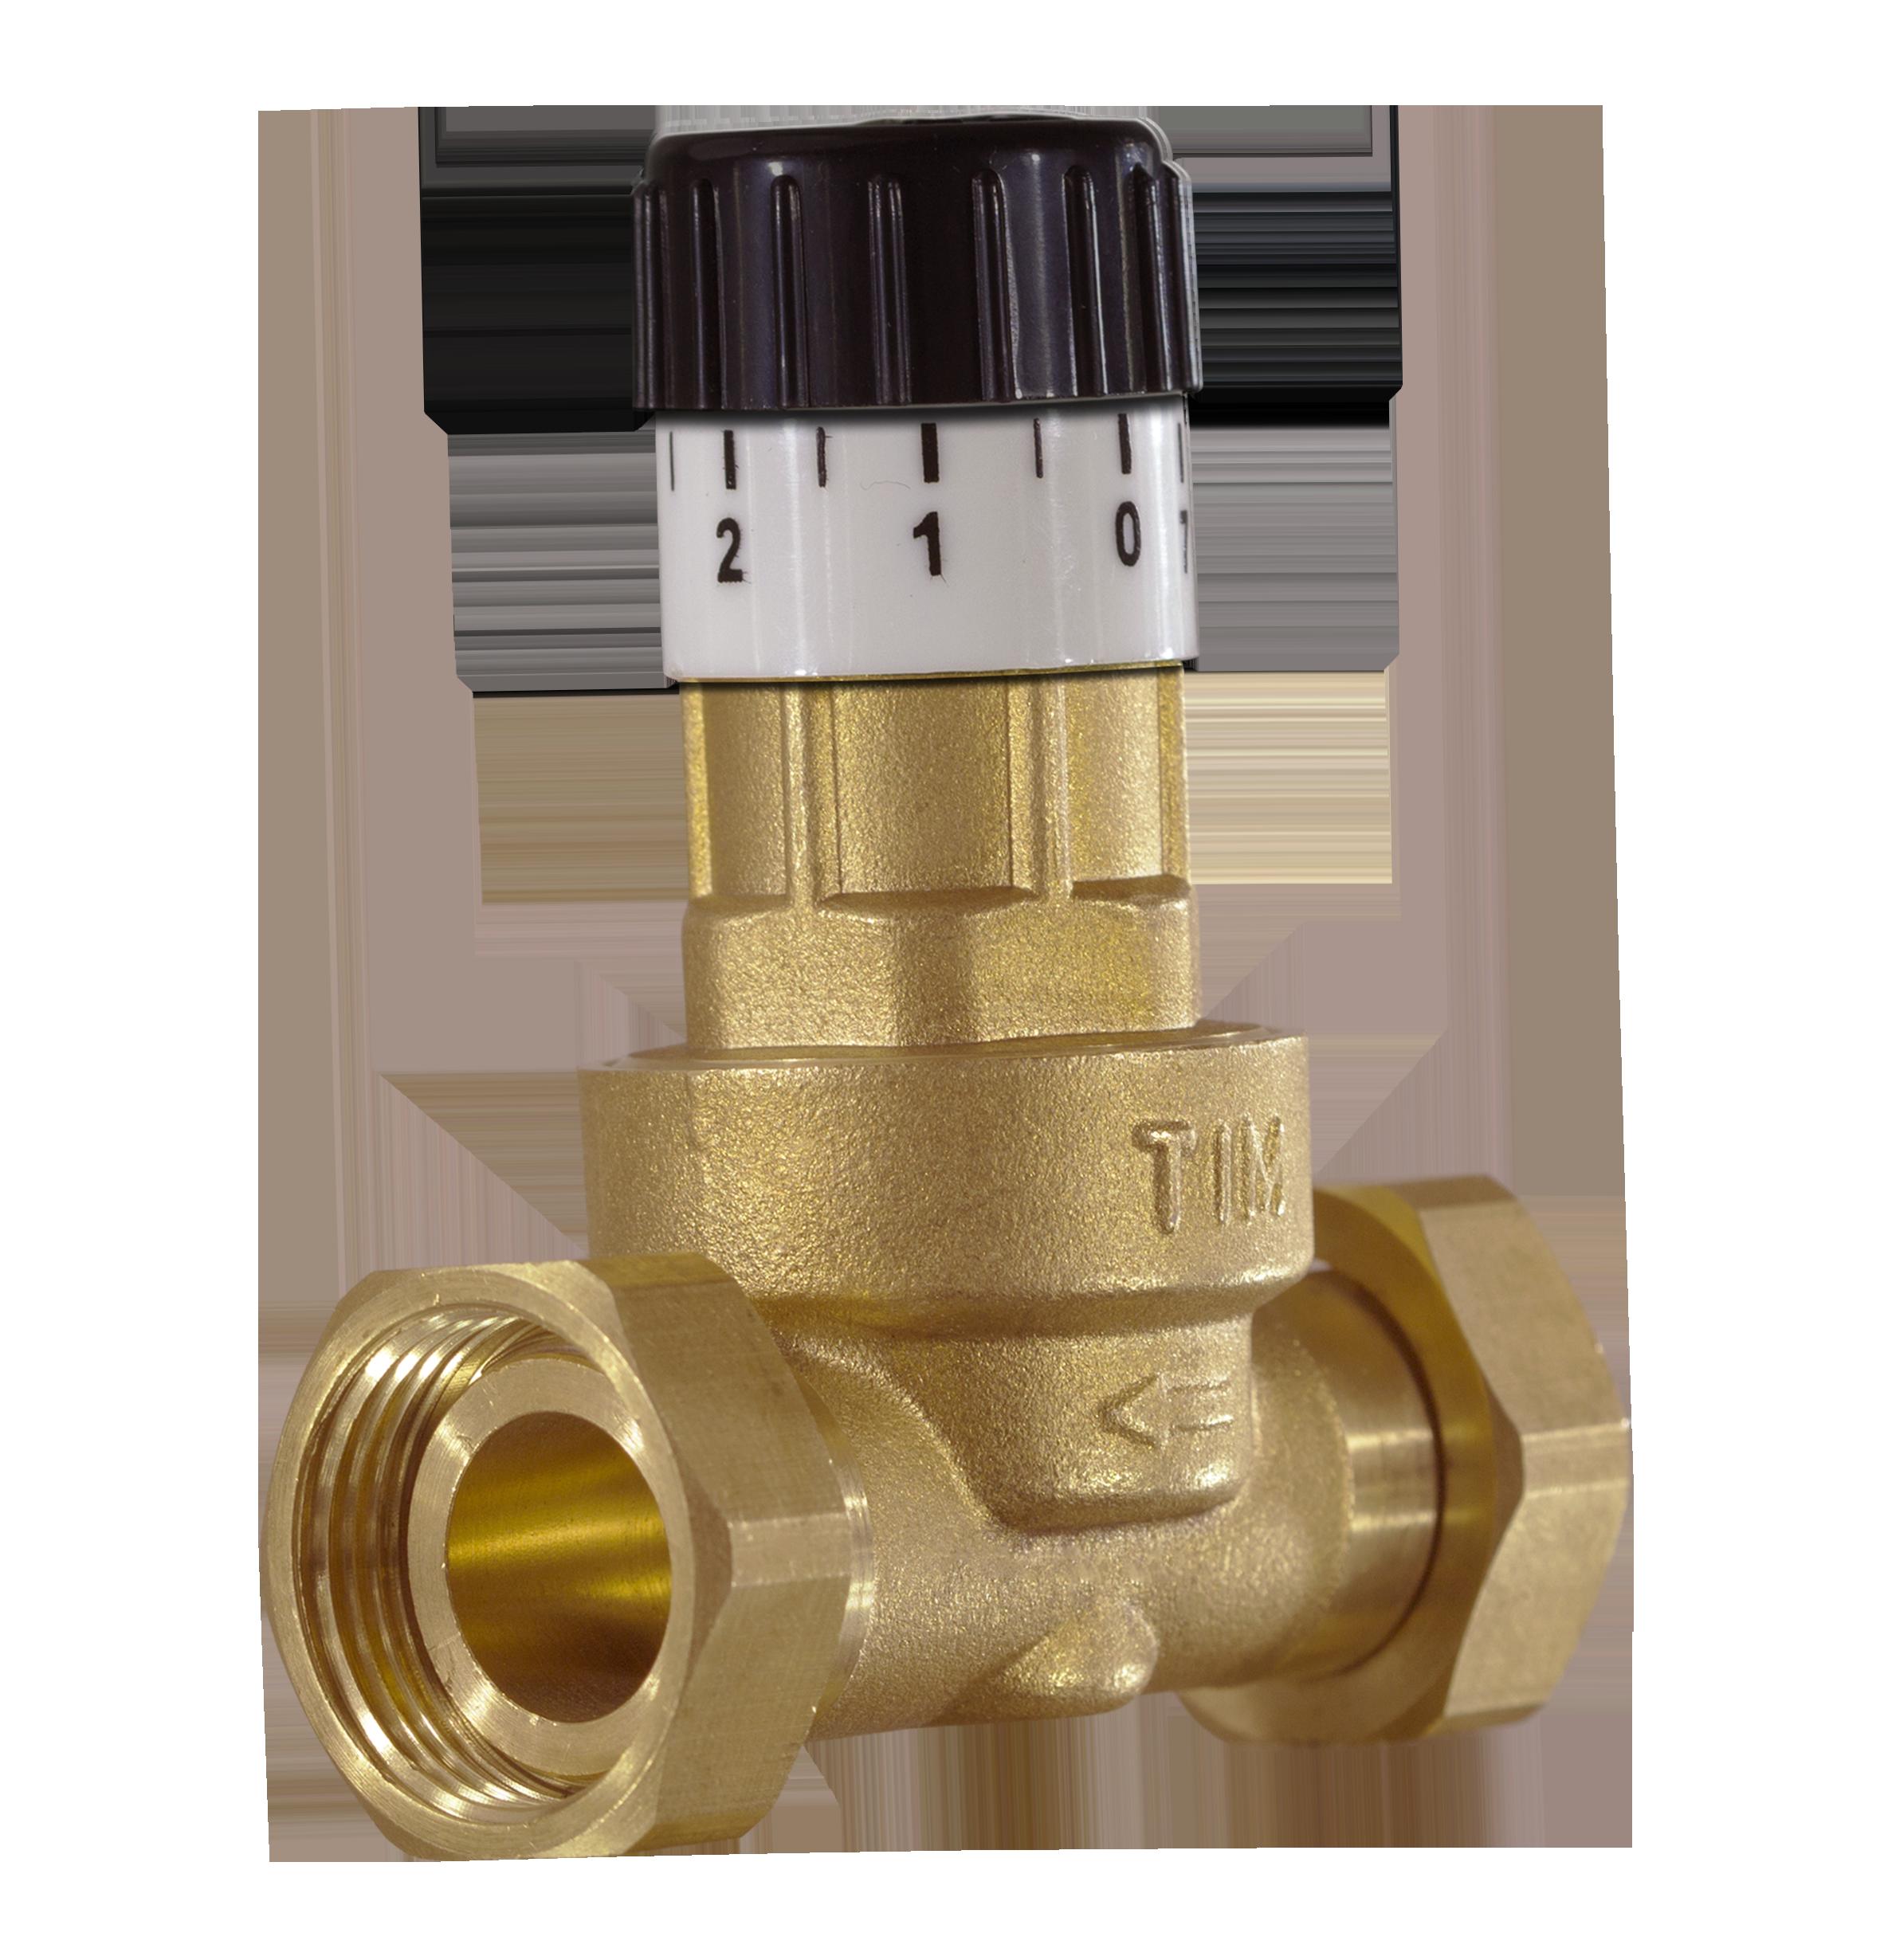 Предохранительный клапан в системе отопления: сбросной и аварийный